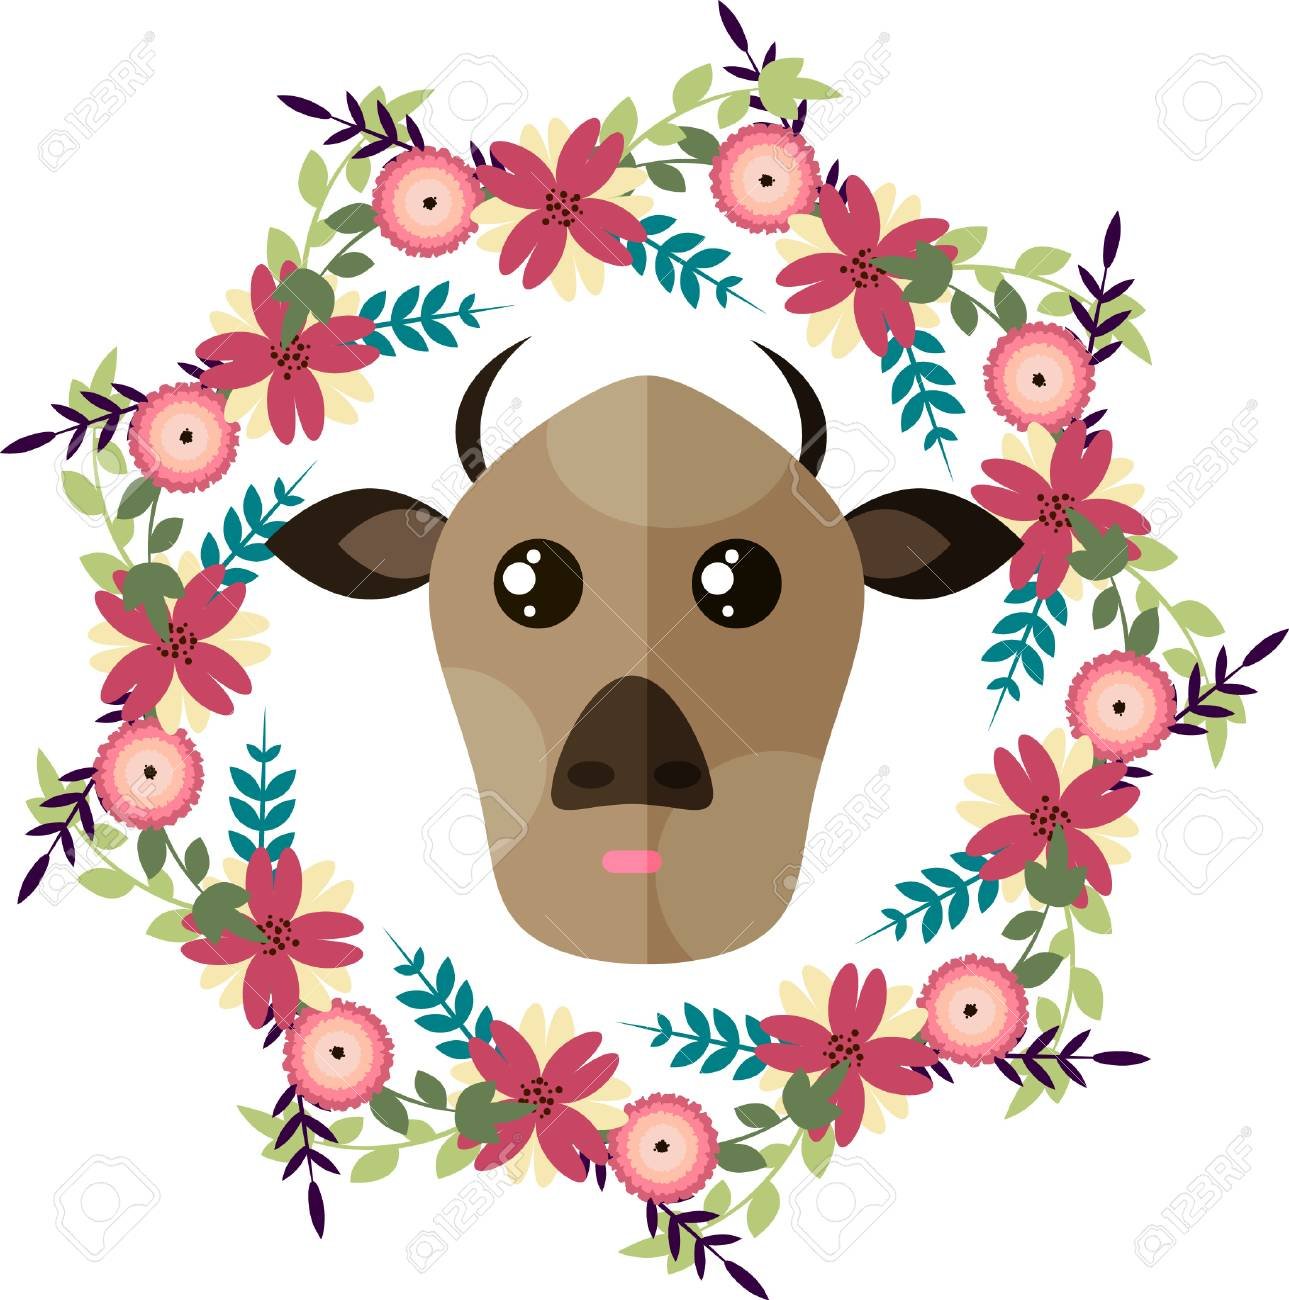 Standard Bild   Vector Illustration Des Kuh  Und Blumenkranzes, Getrennte  Illustration Mit Kuh Und Blumen Für Karte, Einladung, Aufkleber, Knopf,  Tags, ...